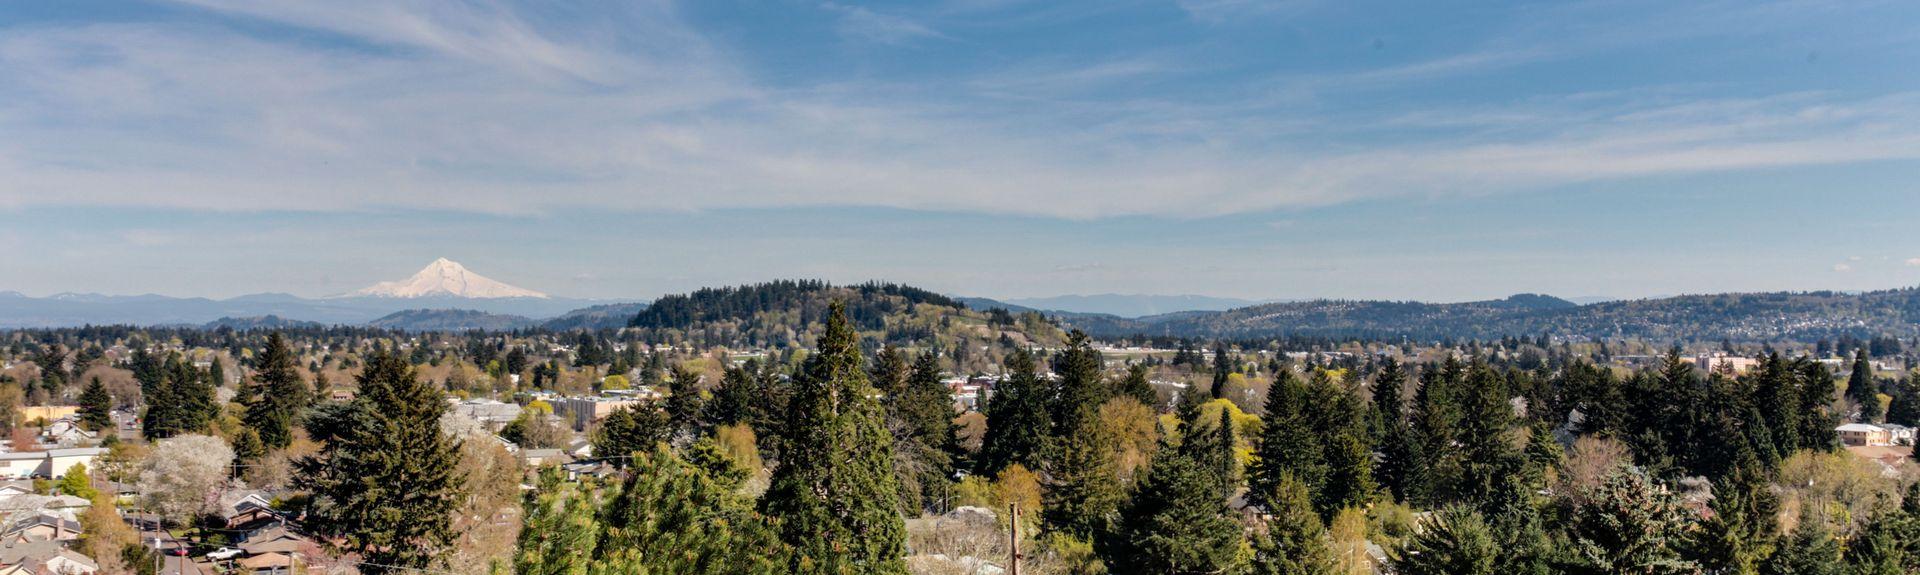 Montavilla, Portland, Oregon, États-Unis d'Amérique